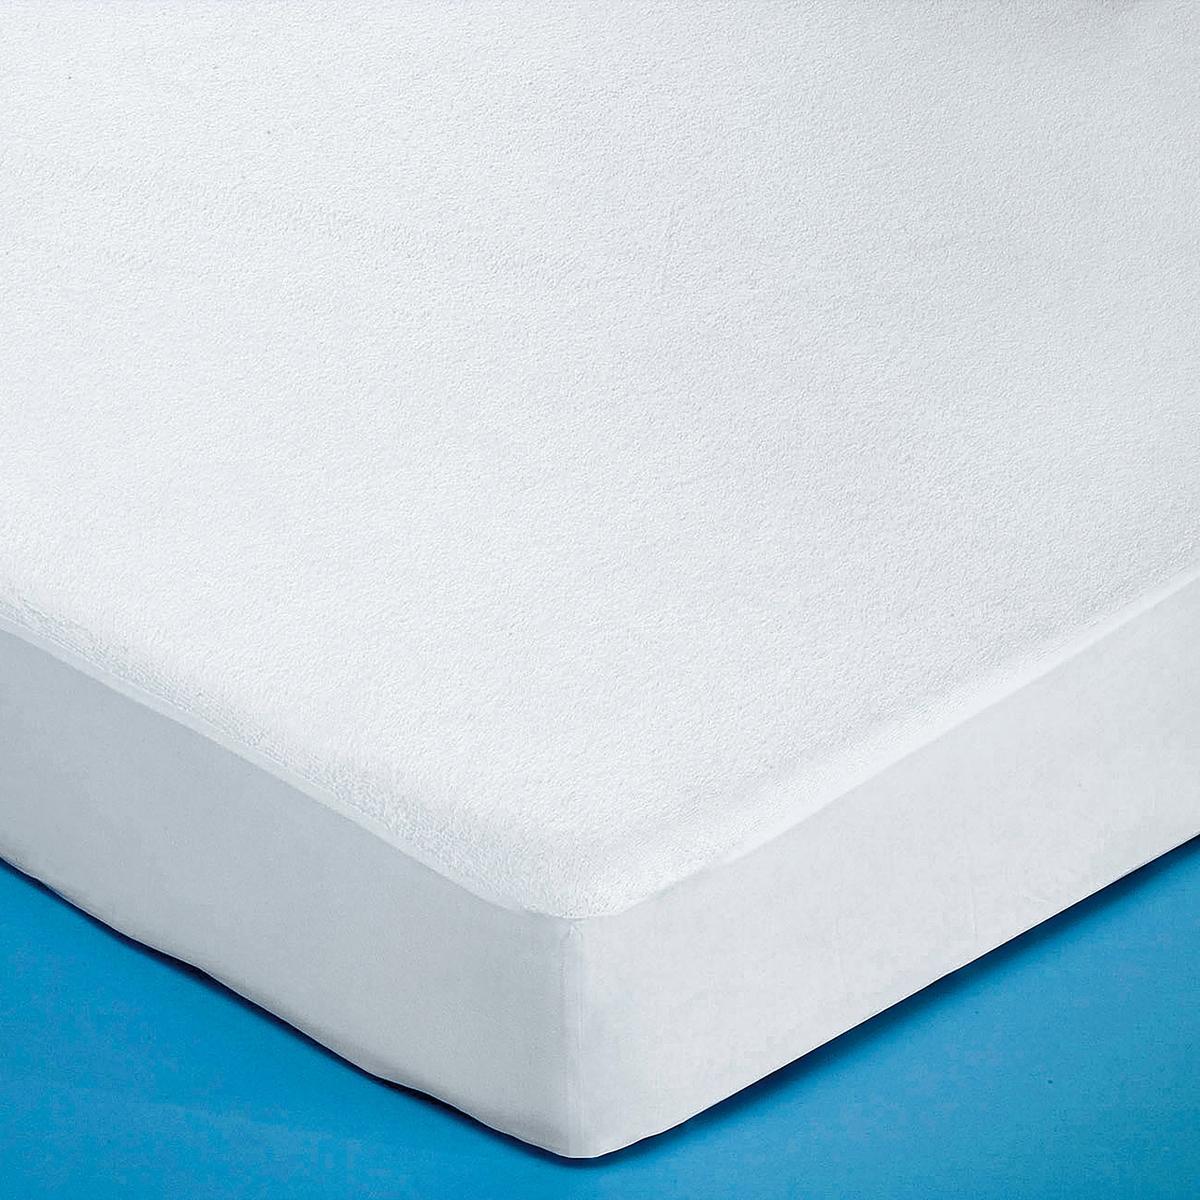 цена на Чехол La Redoute Защитный для матраса из махровой ткани с завитым ворсом на полиуретане 90 x 190 см белый